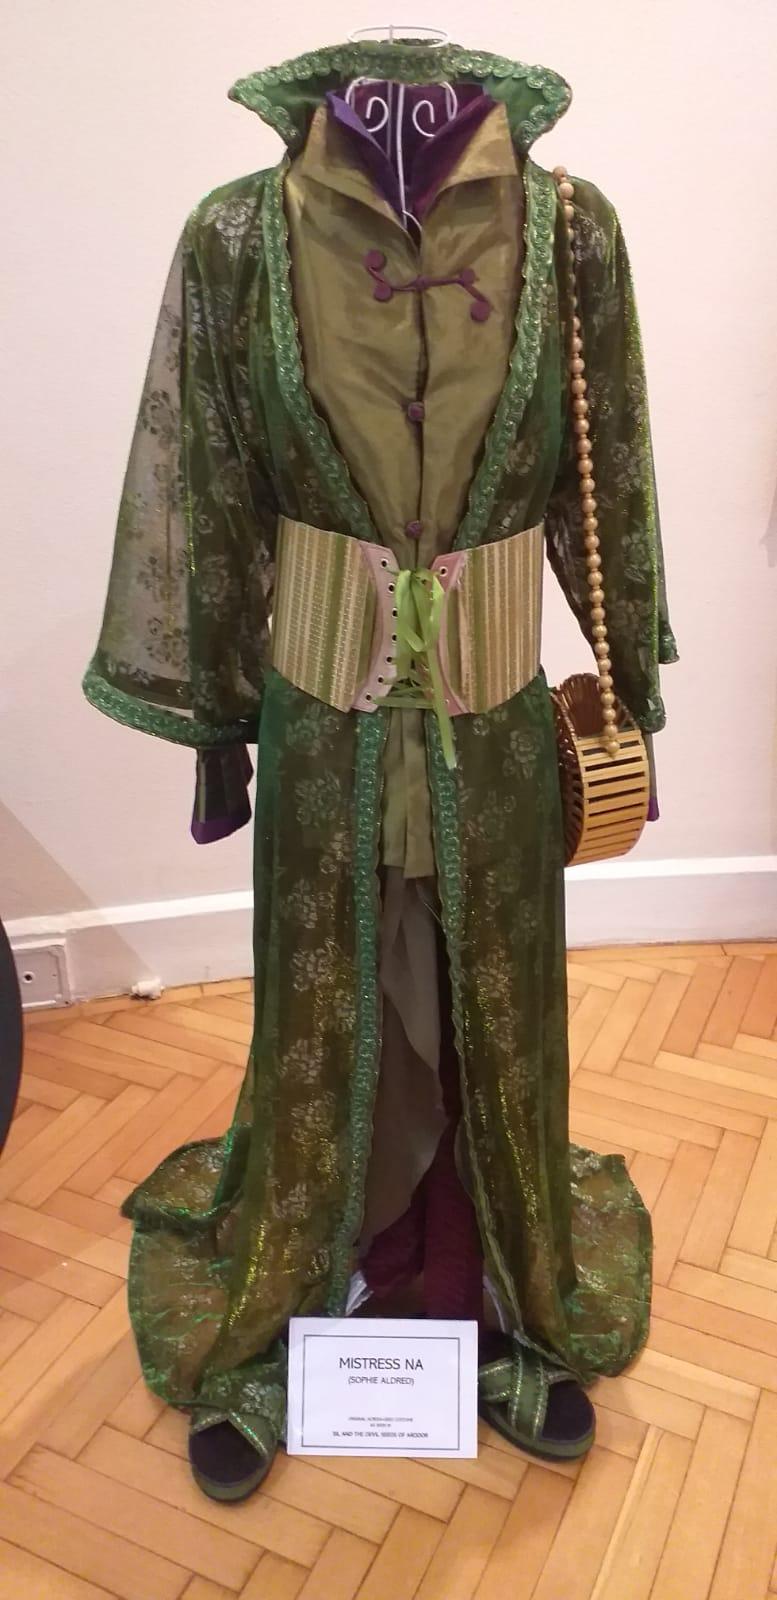 Mistriss Na's costume